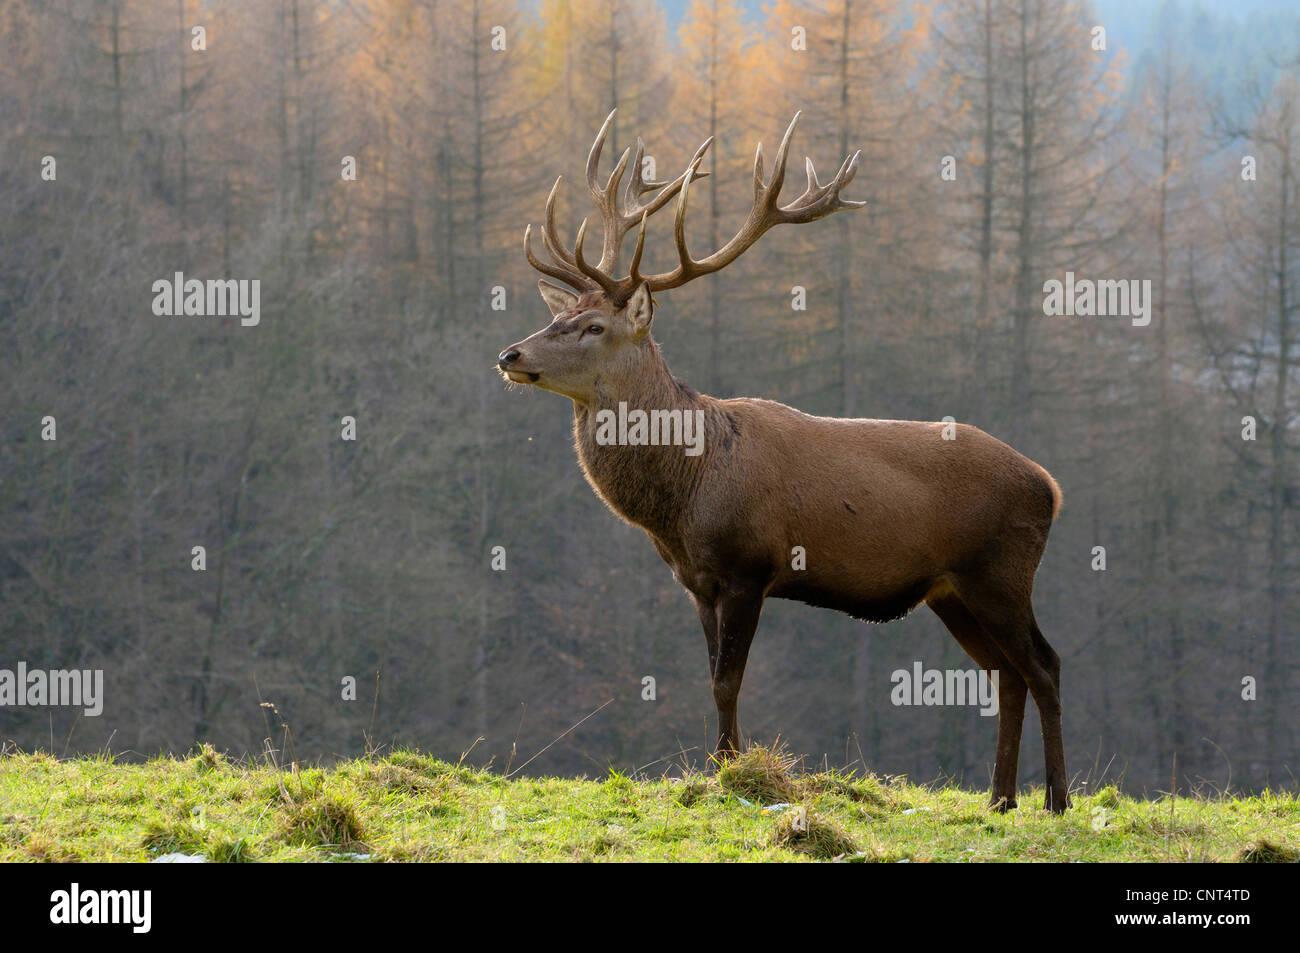 red deer (Cervus elaphus), stag standing in a meadow, Germany, North Rhine-Westphalia - Stock Image